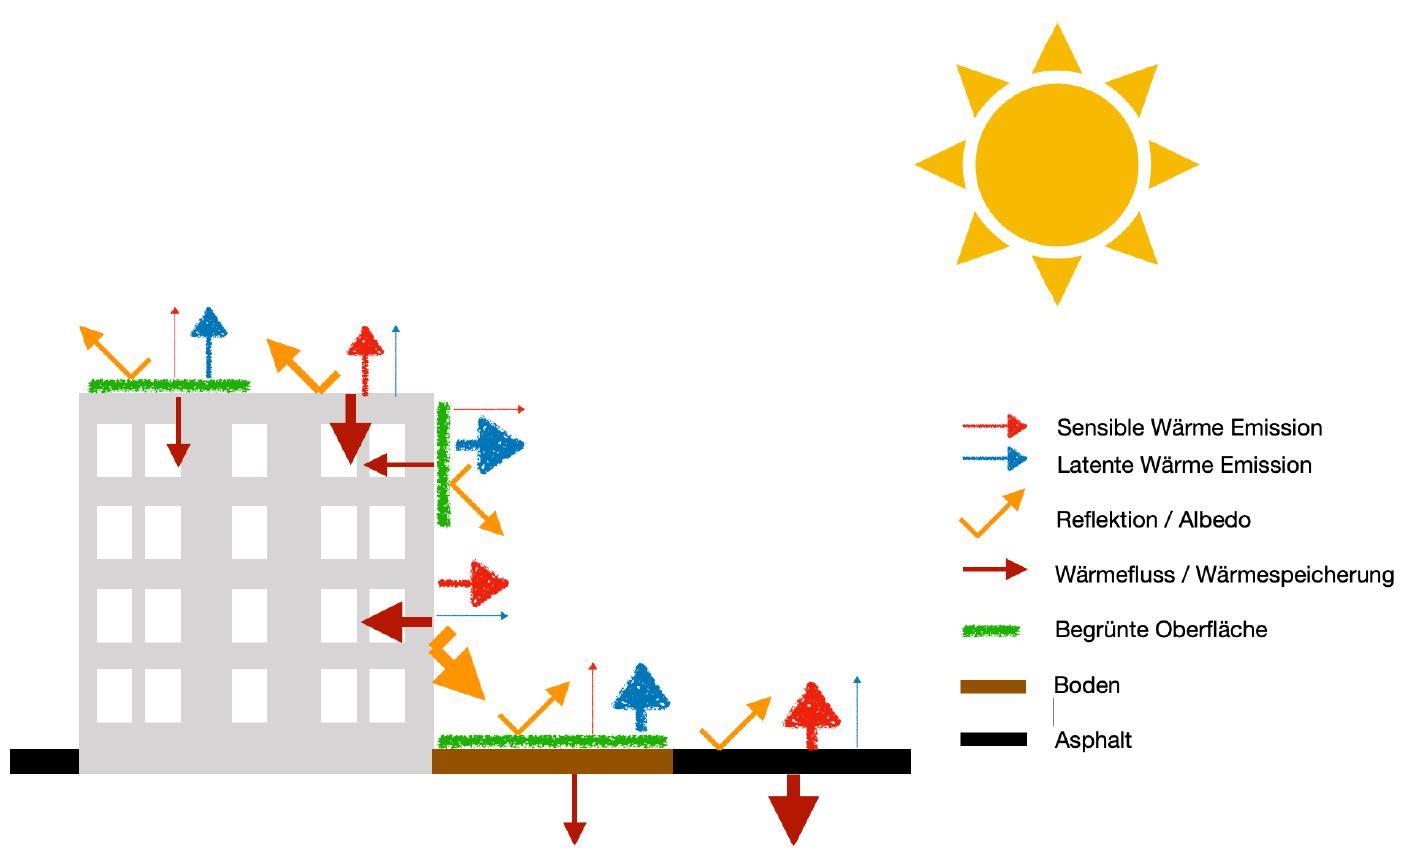 Verhalten urbaner Materialien bei Sonneneinstrahlung: durch Grünflächen erhöht sich der latente Wärmeanteil (durch Verdunstung) gegenüber dem sensiblen Wärmeanteil (fühl- bzw. messbare Wärme).